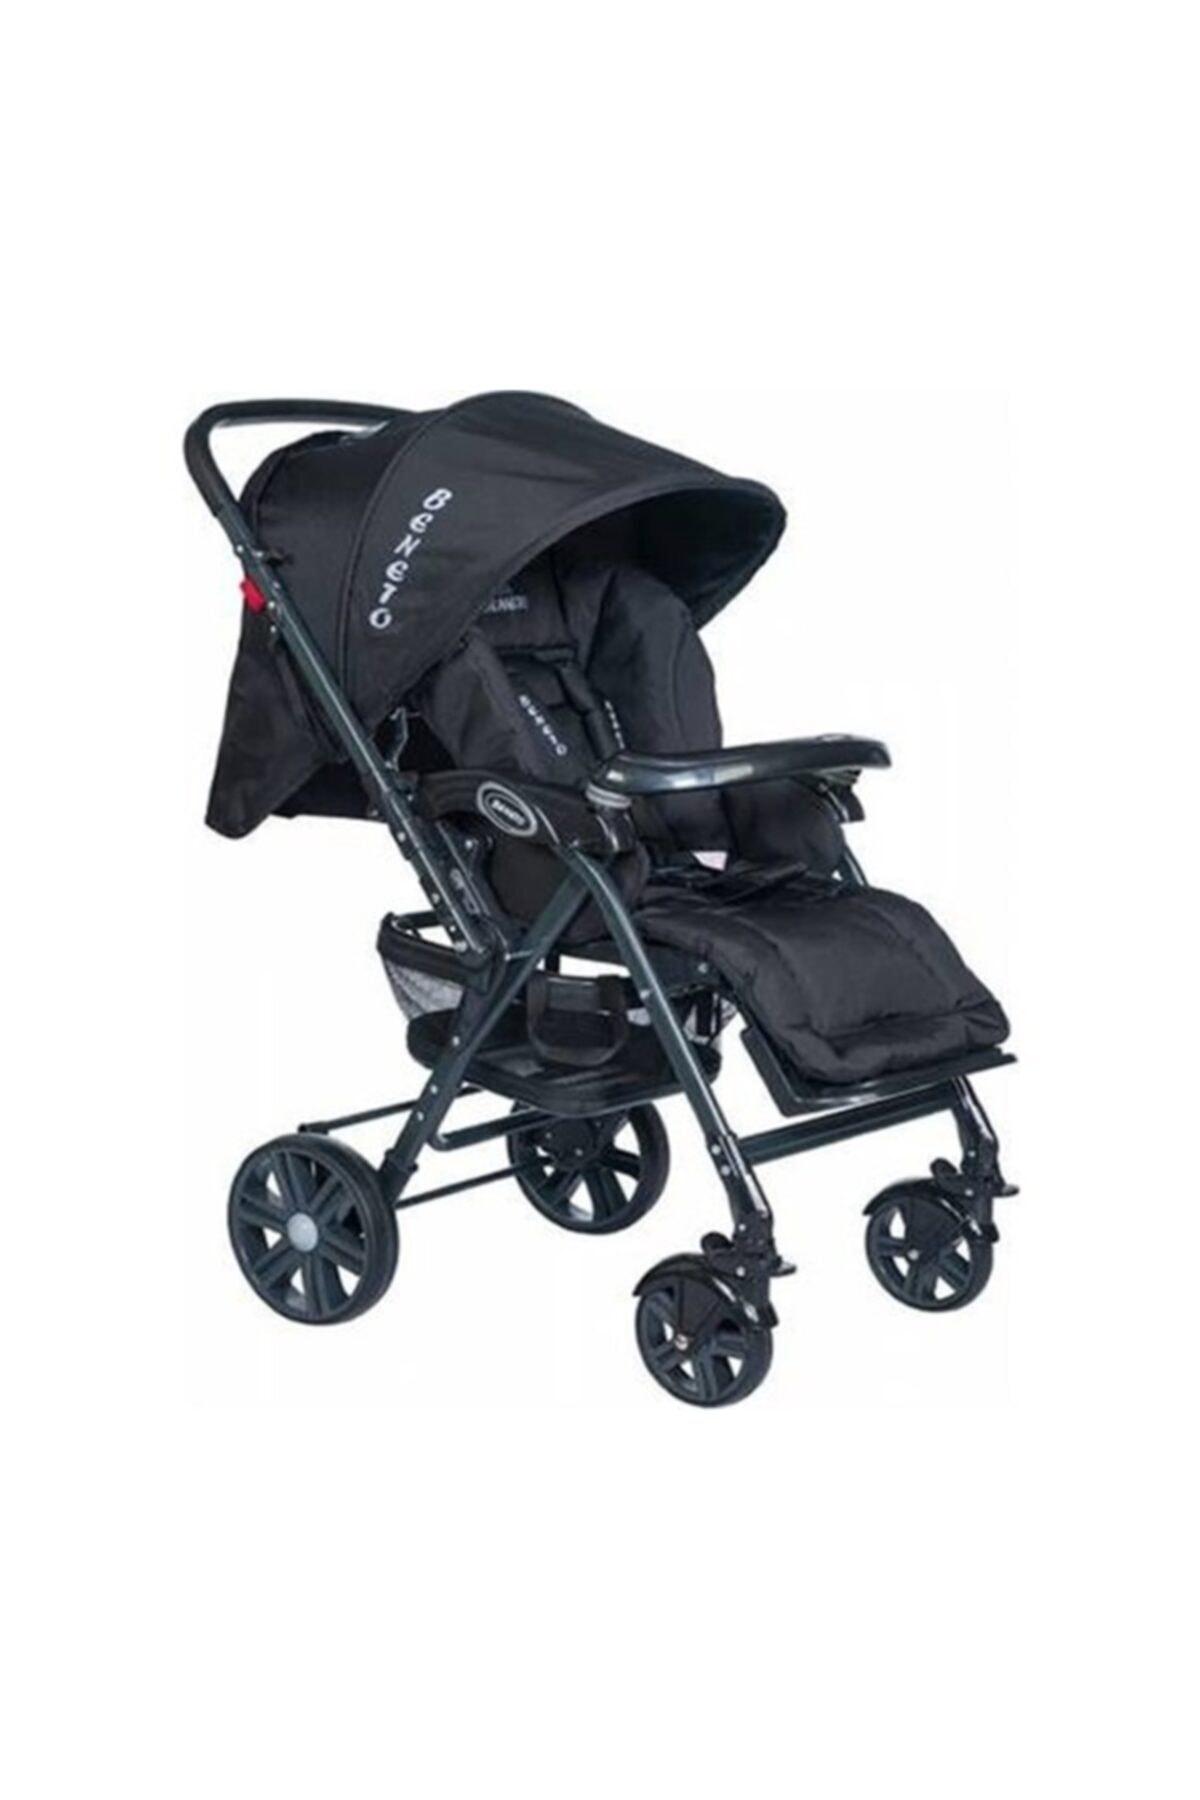 BENETO Bt - 2040 Leone Bebek Arabası Çift Yönlü 1